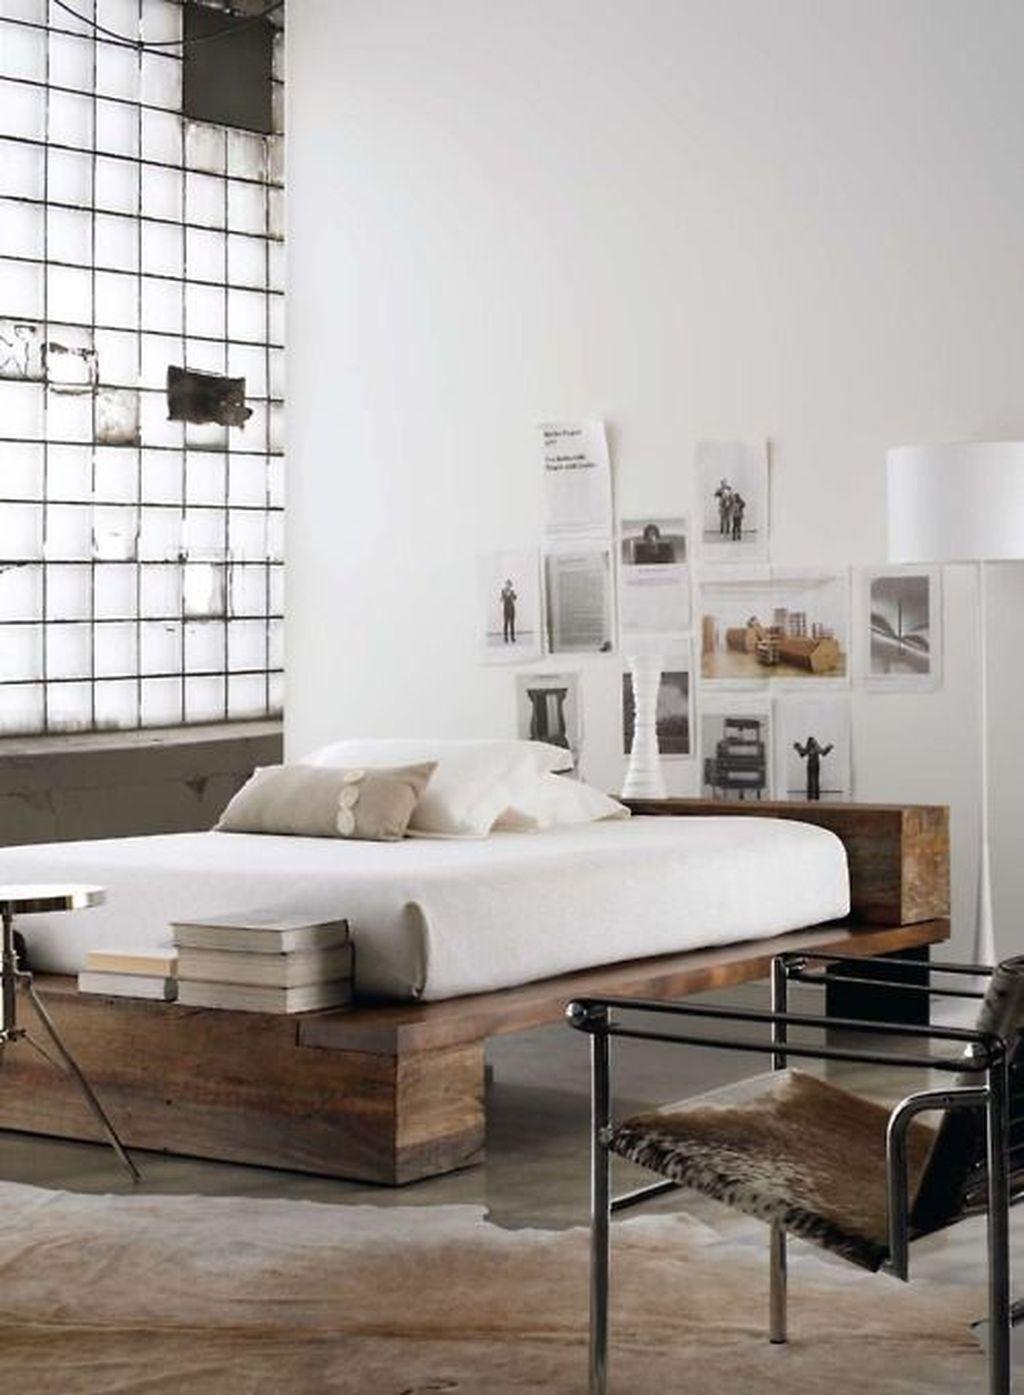 Lovely Diy Wooden Platform Bed Design Ideas 38